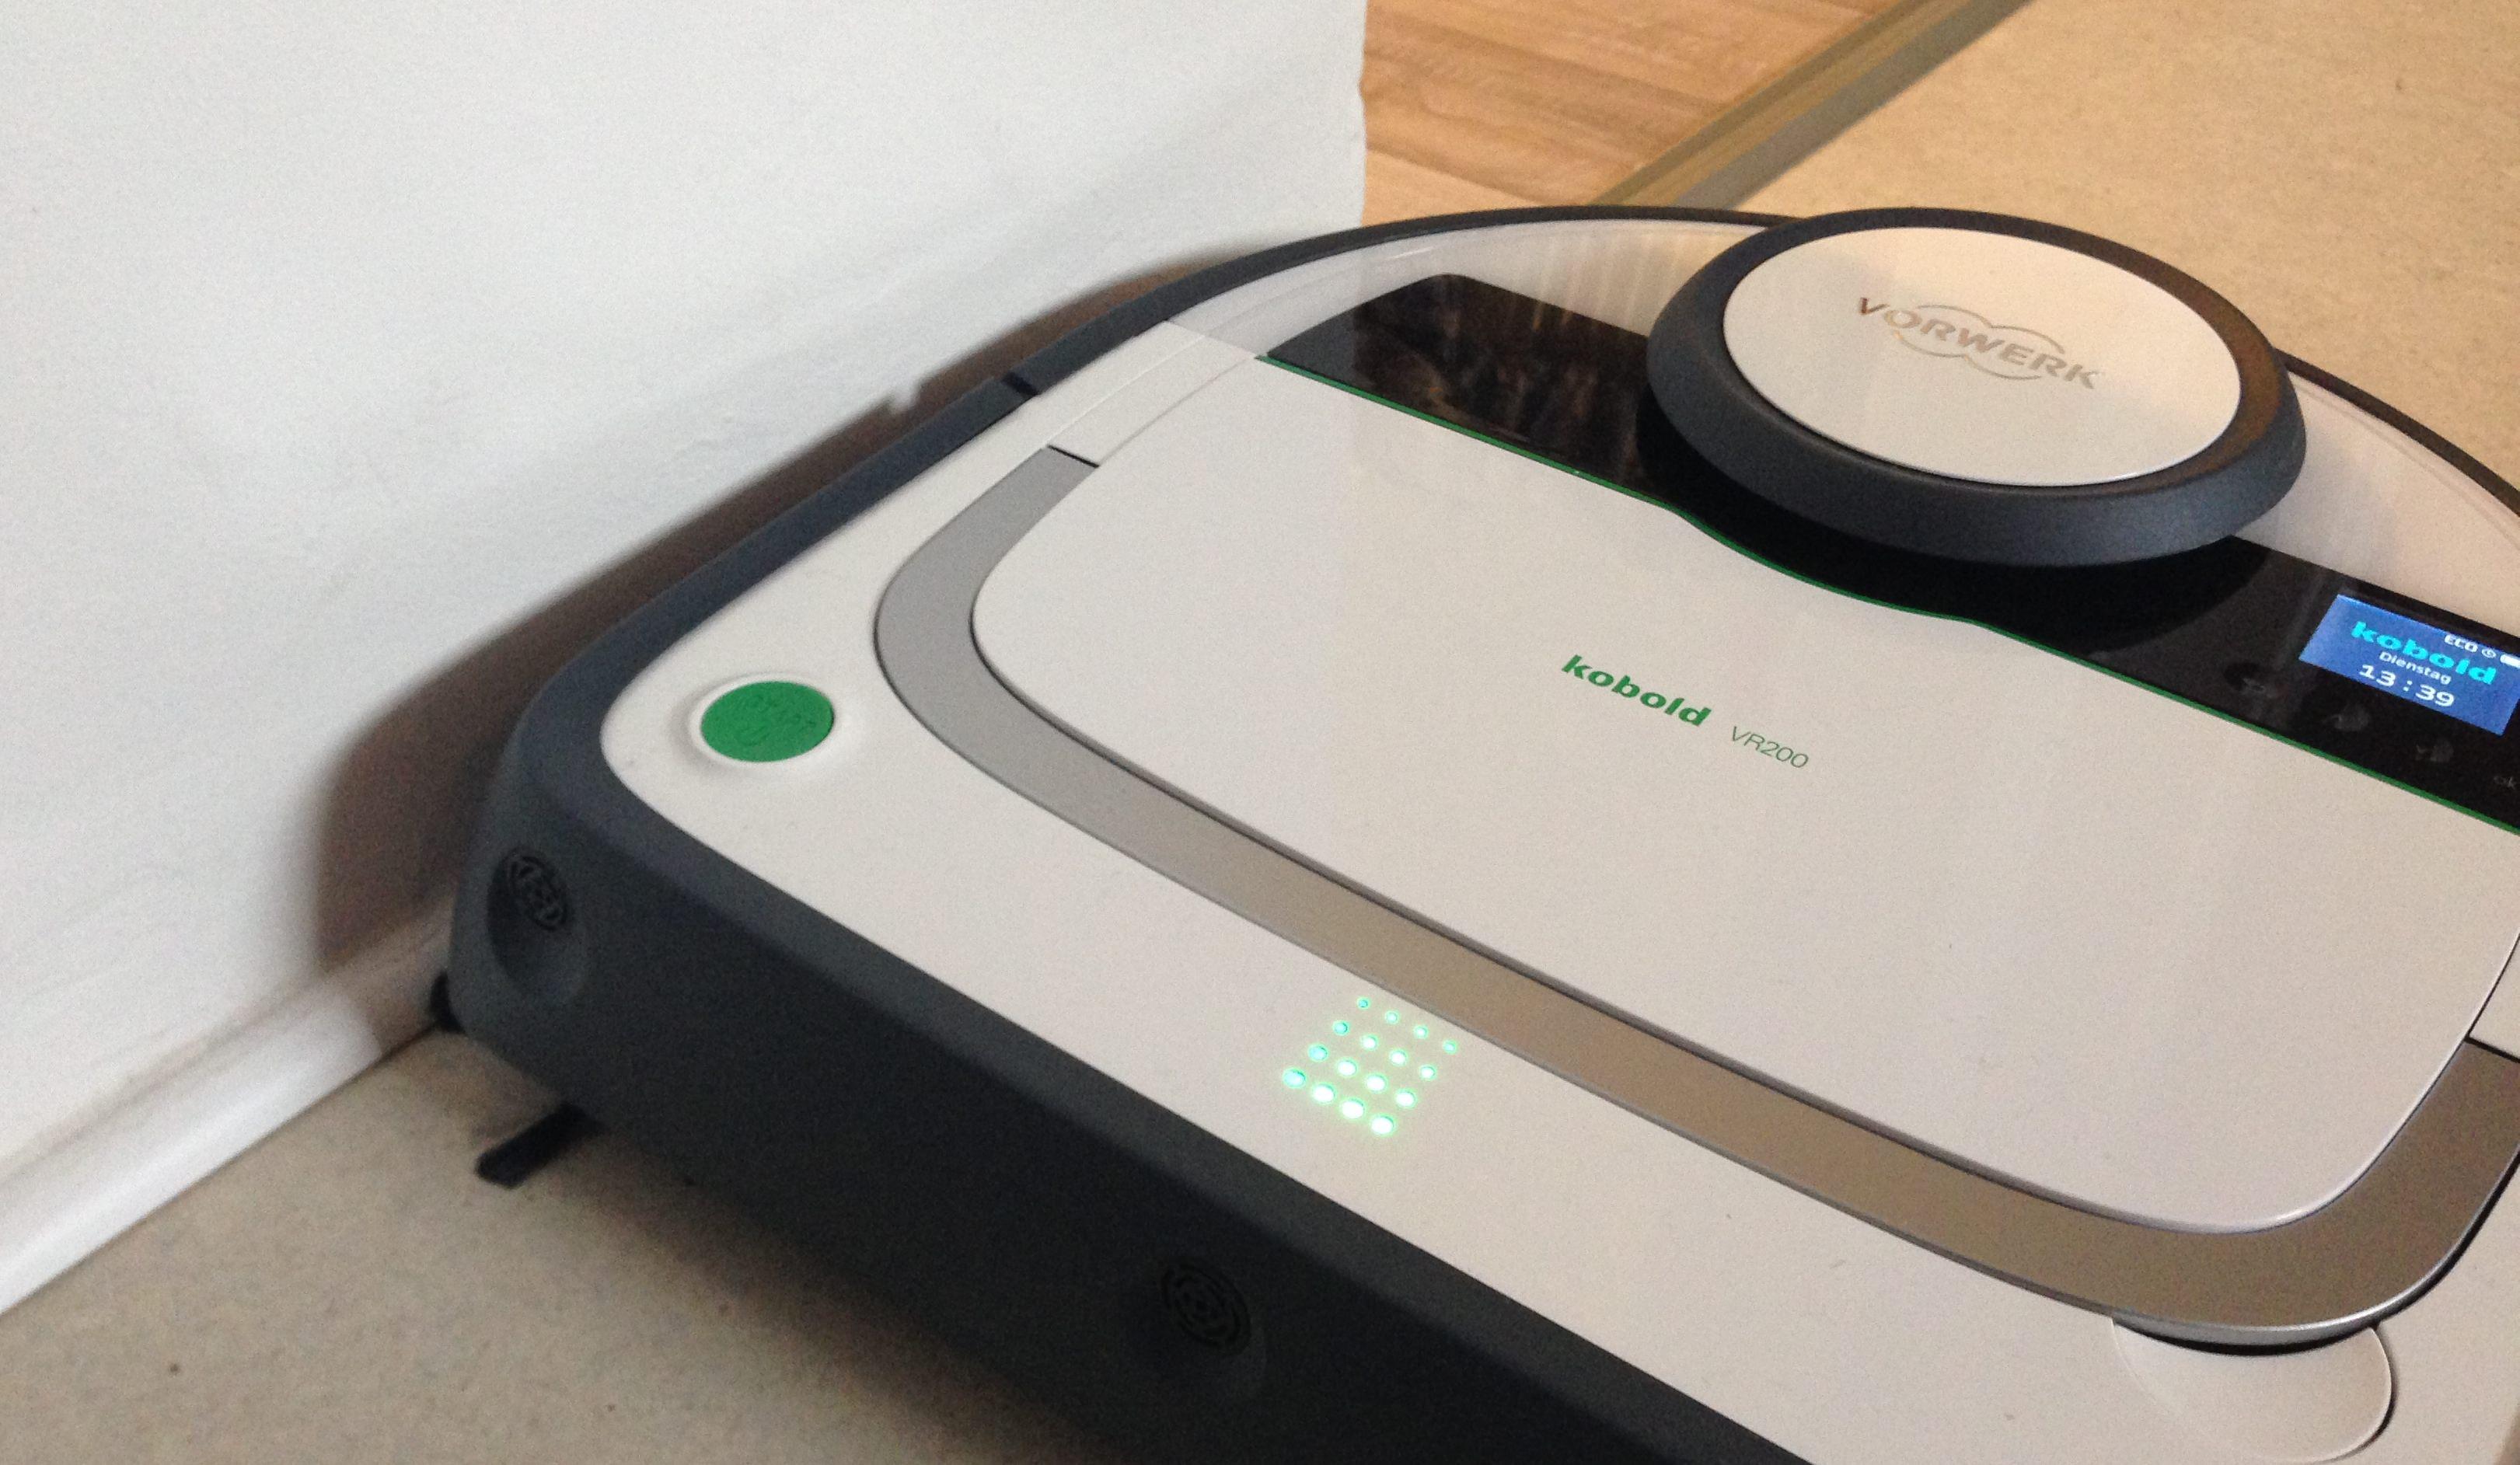 saugroboter vorwerk kobold vr 200 saugroboter im test. Black Bedroom Furniture Sets. Home Design Ideas